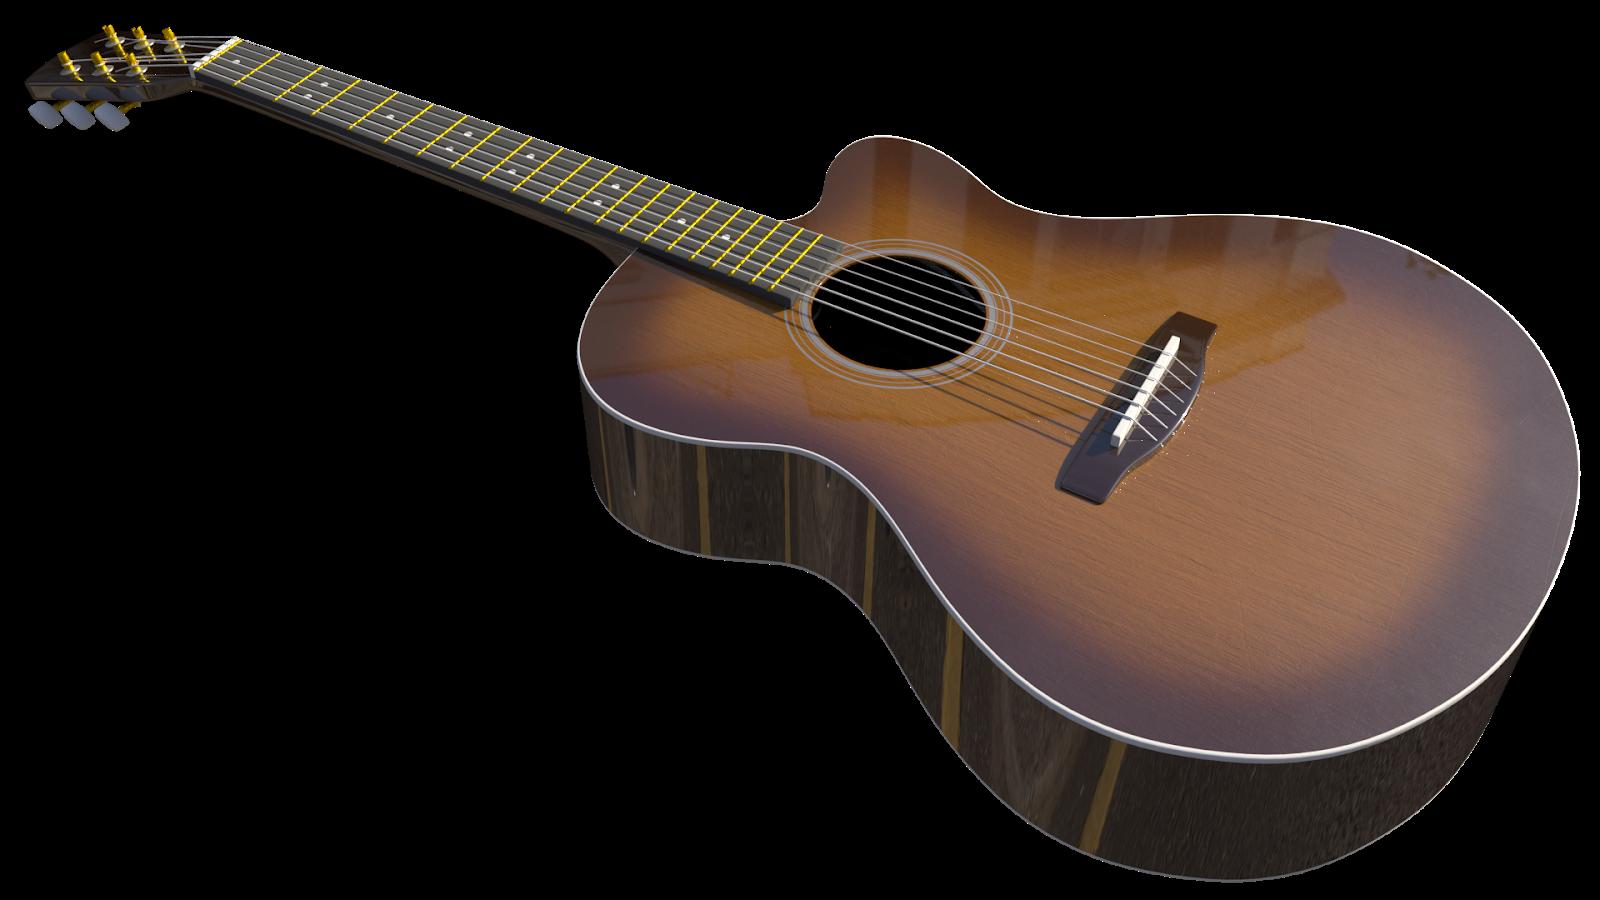 Free 3D Melody Acoustic Guitar CC0 3DS - Free 3D Models Under Public Domain